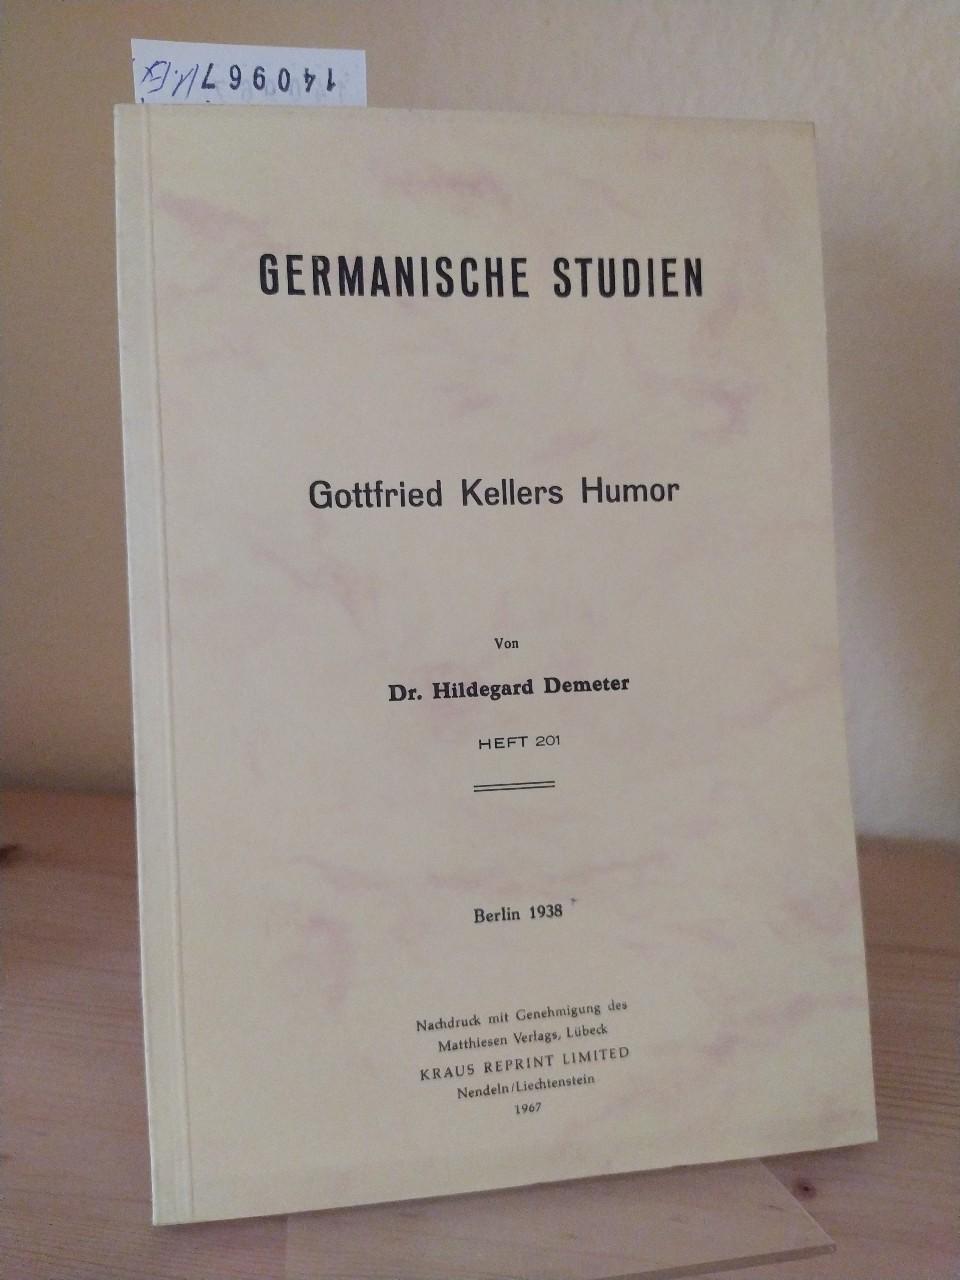 Gottfried Kellers Humor. [Von Hildegard Demeter]. (= Germanische Studien. Heft 201). Reprint der Ausgabe Berlin, Verlag Dr. Emil Ebering 1938.